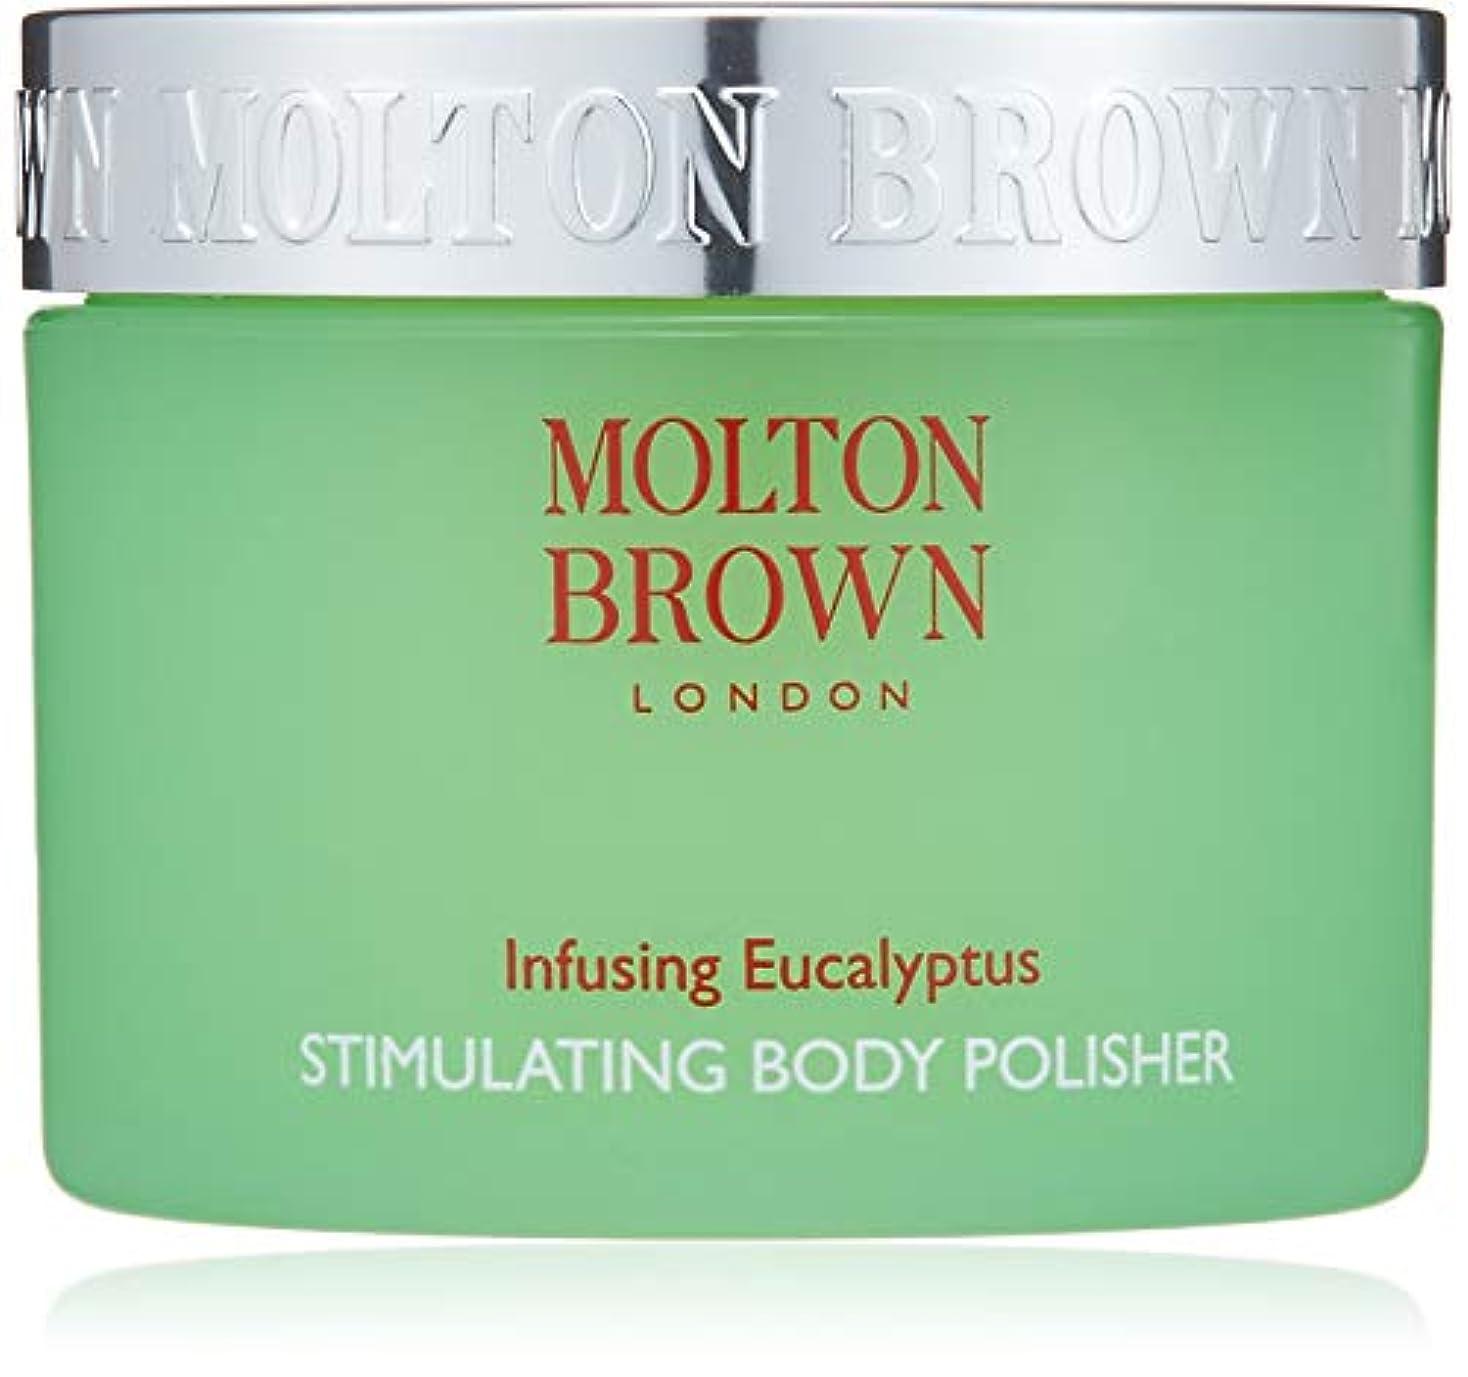 閃光西無数のMOLTON BROWN(モルトンブラウン) インフュージング ユーカリプタス スティミュレイティング ボディポリッシャー